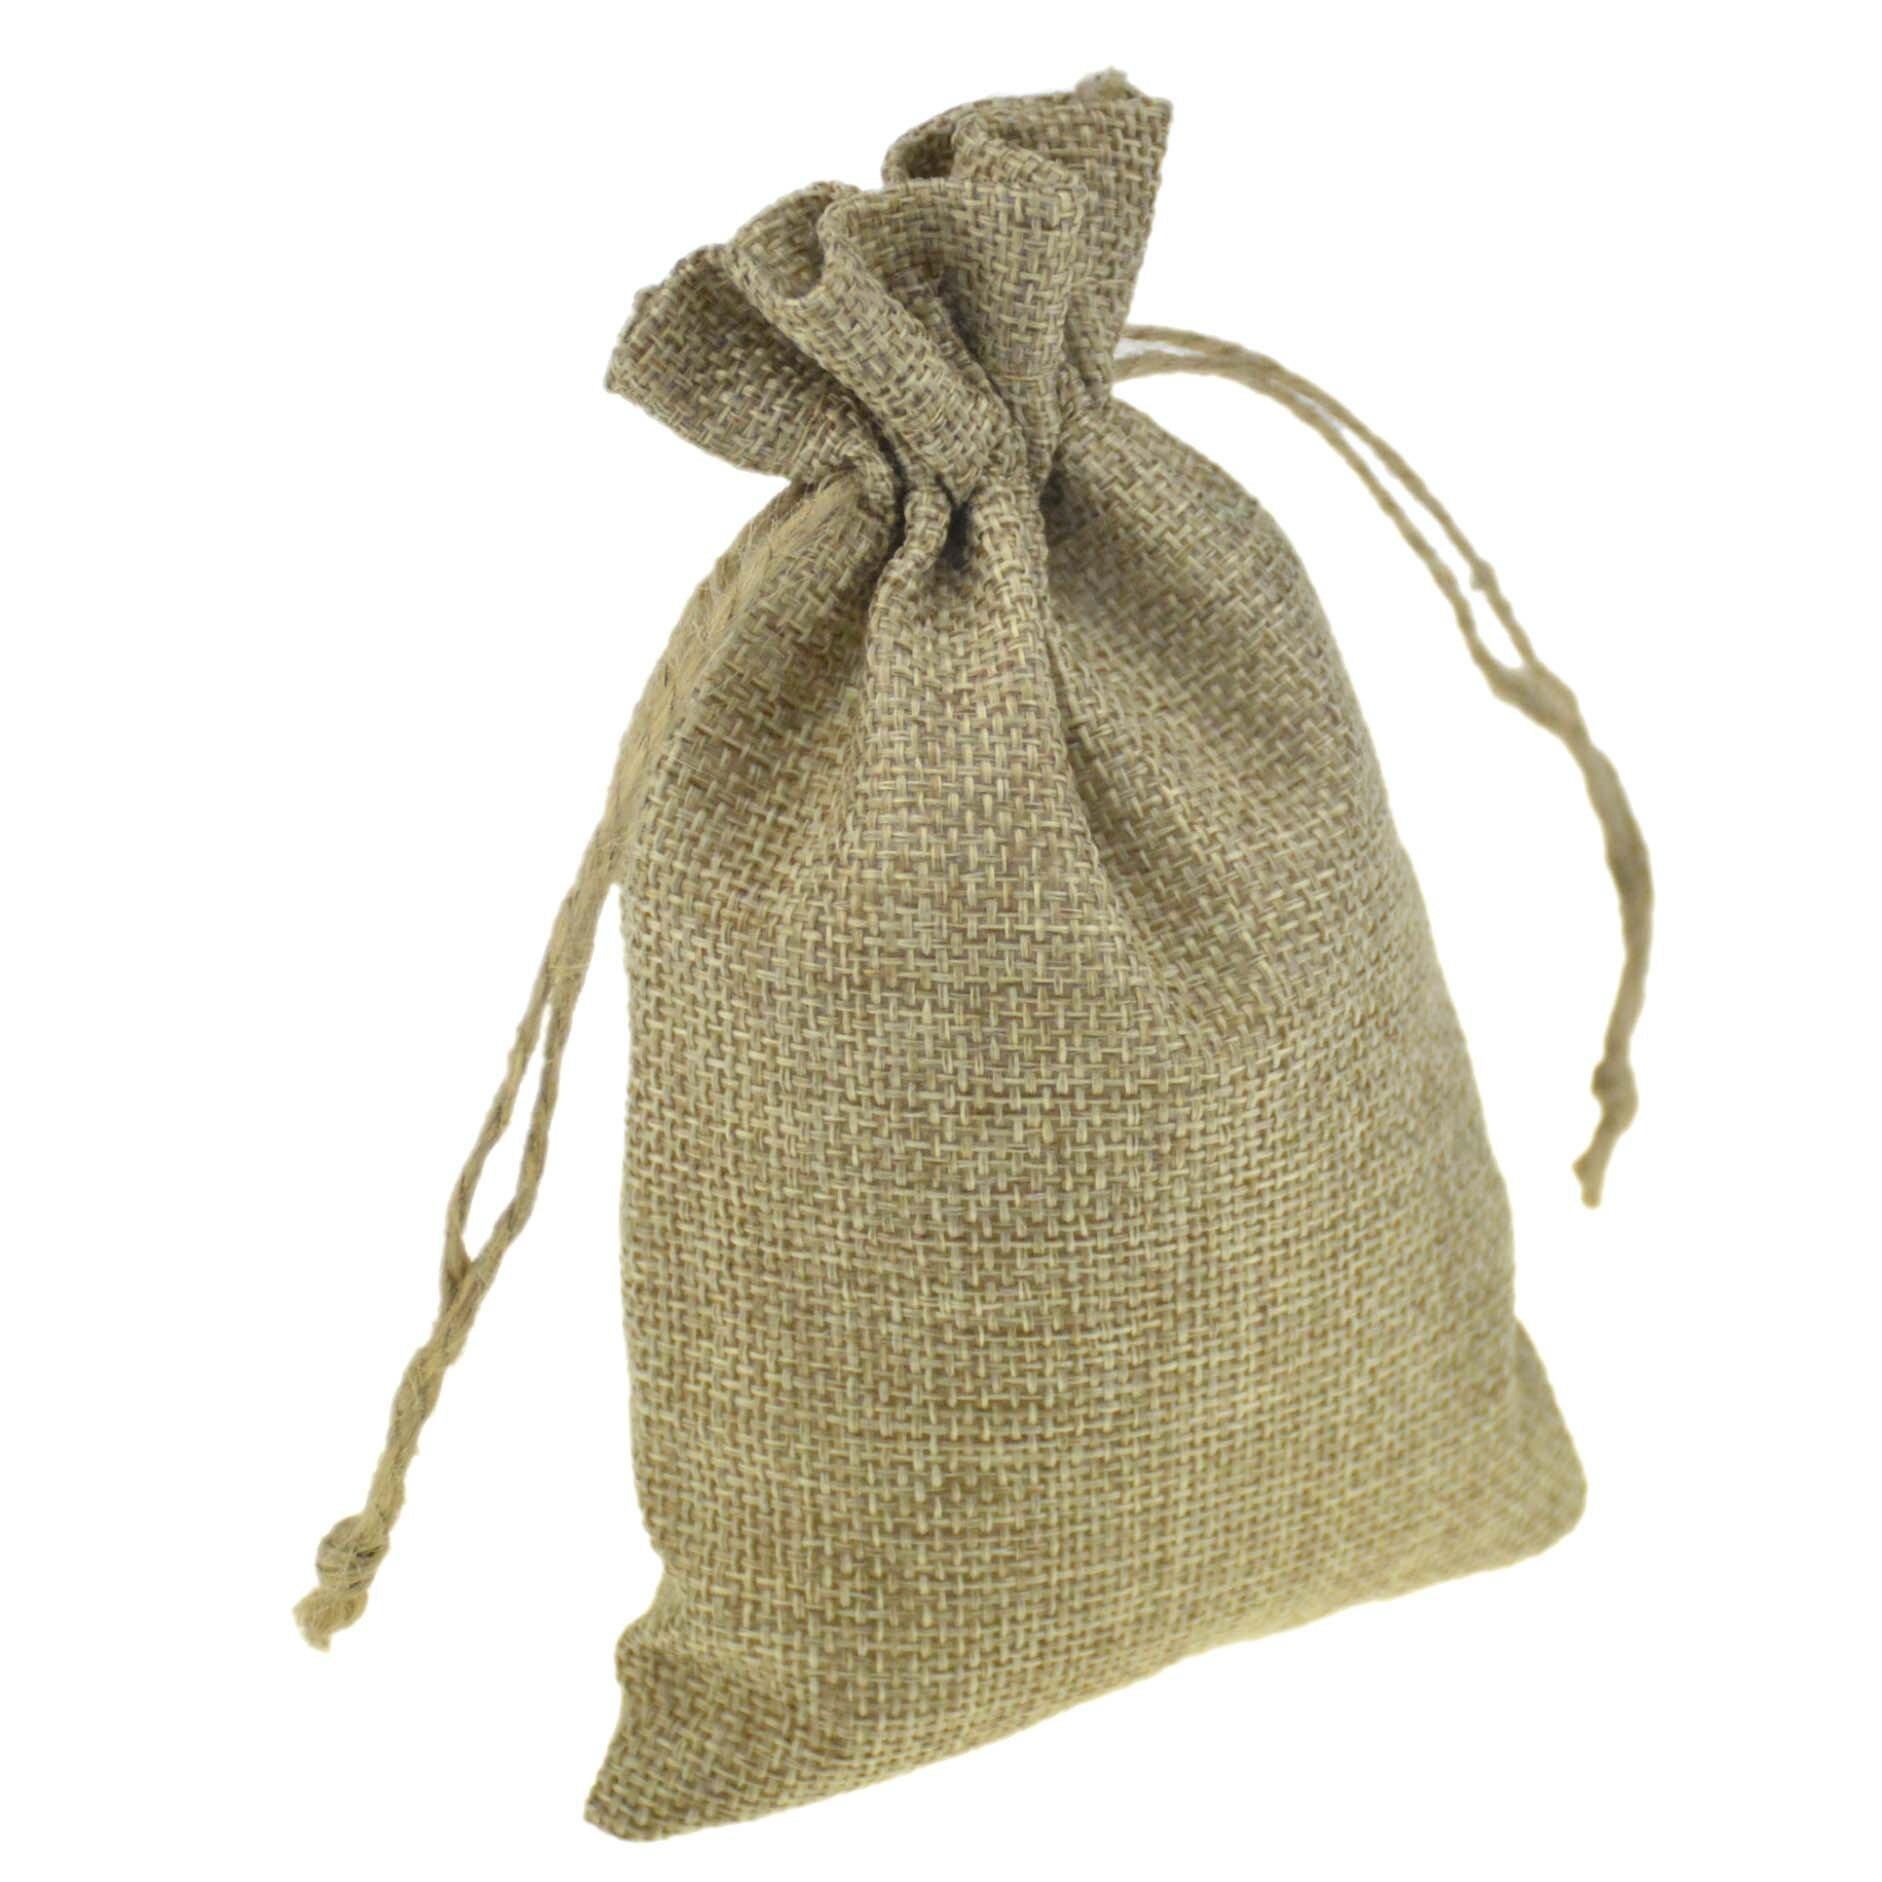 Aliexpress.com : Buy Handmade Hessian Jute Burlap Drawstring ...